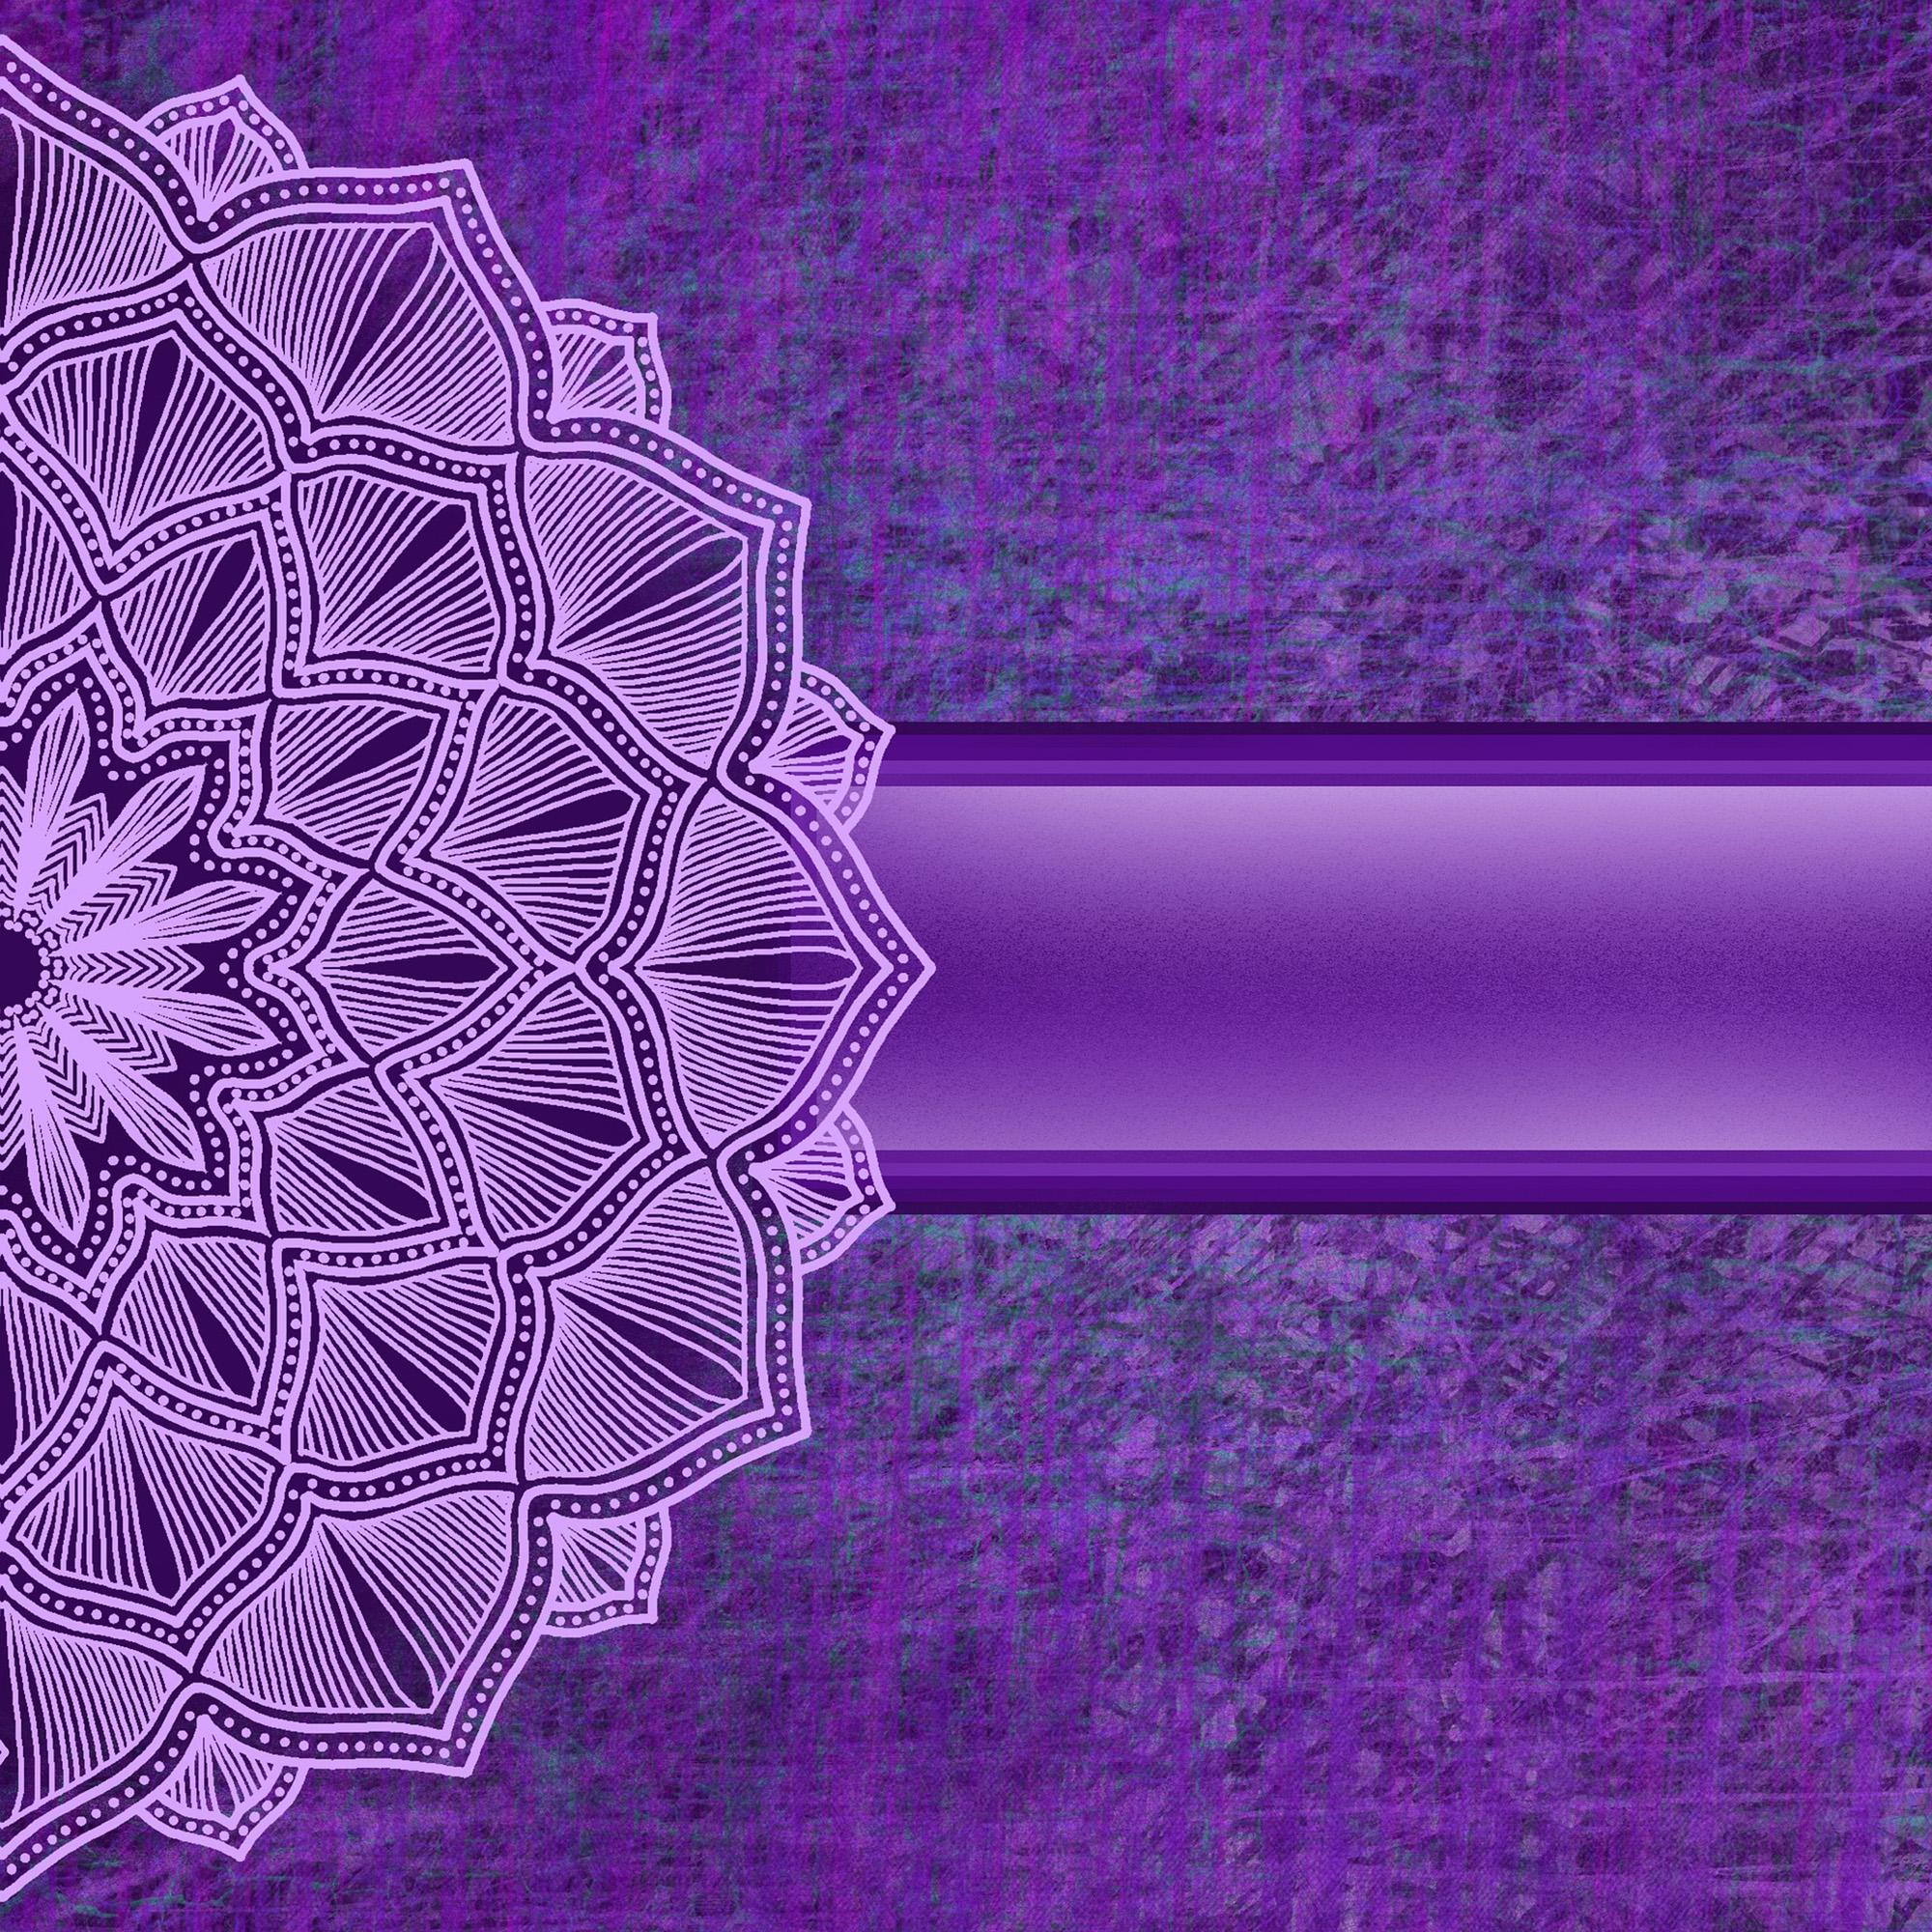 conception sch u00e9ma art forme contexte couleur graphique